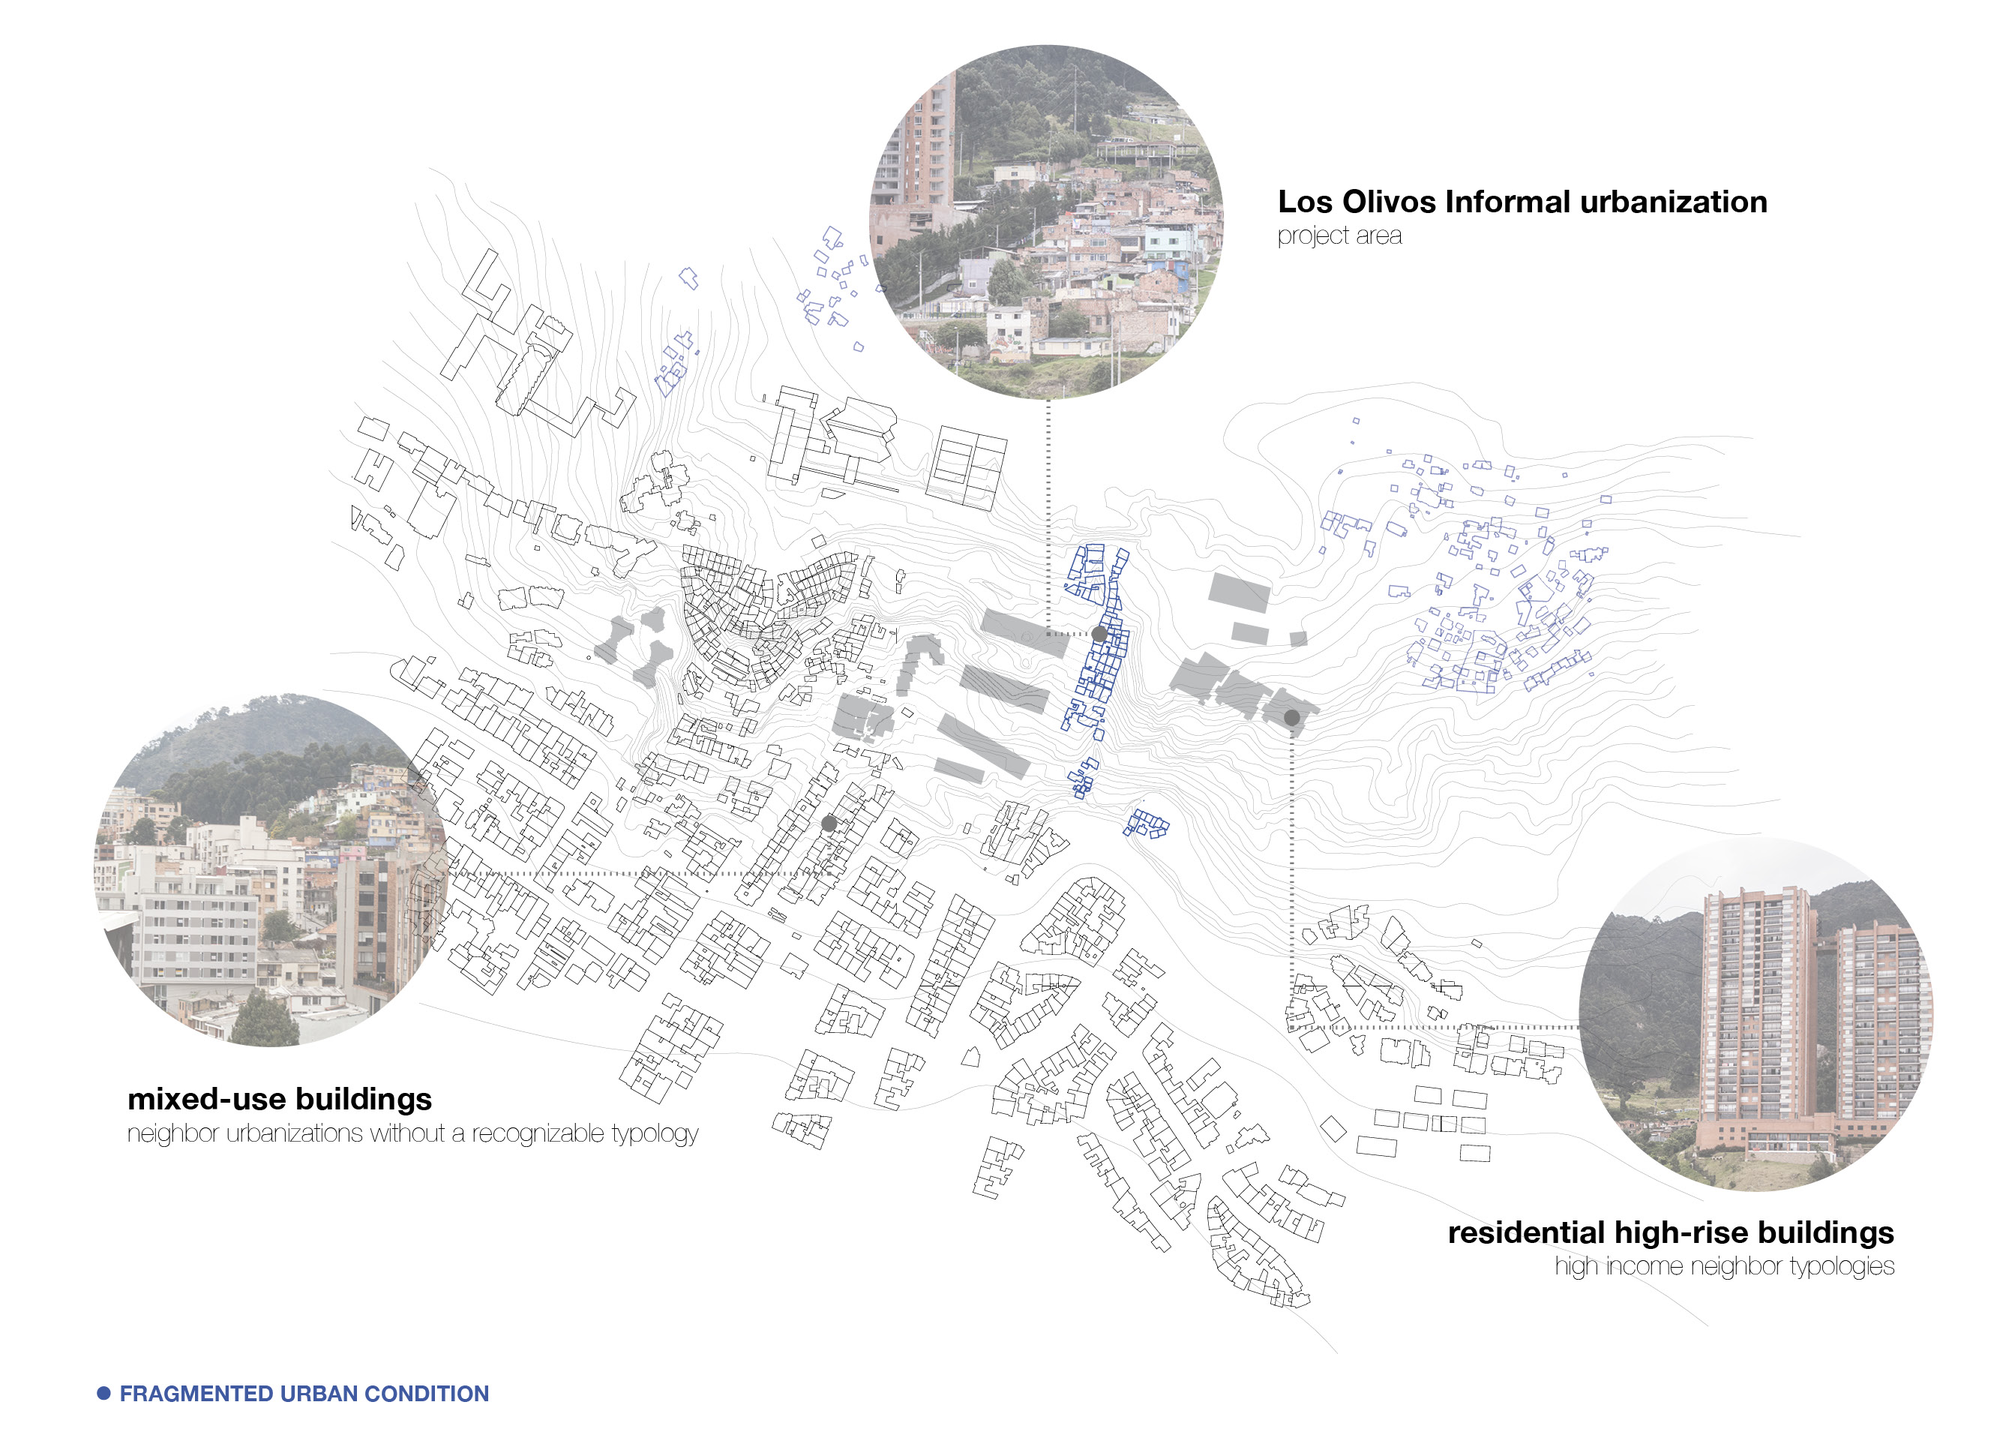 Condición Urbana Fragmentada